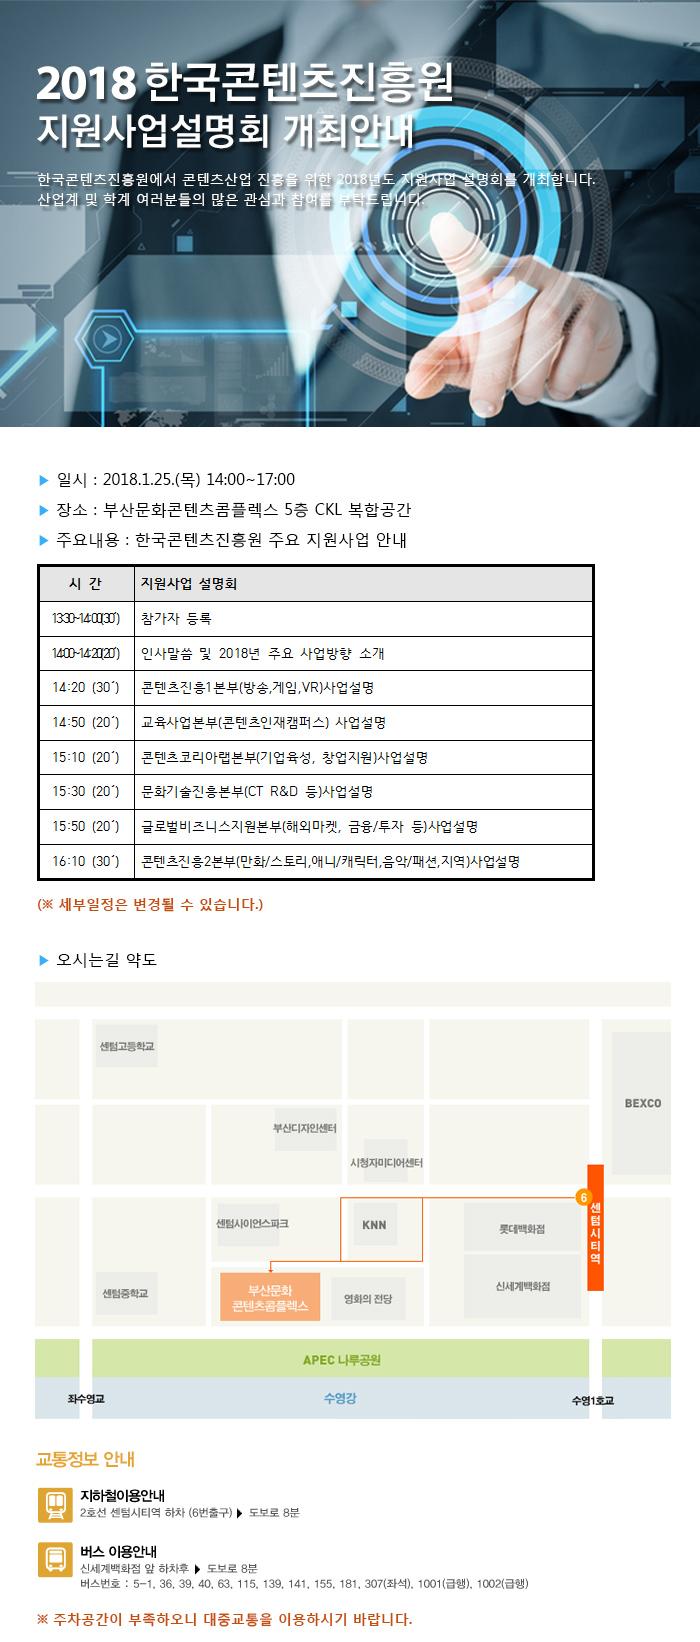 2018 한국콘텐츠진흥원 지원사업 설명회 개최안내